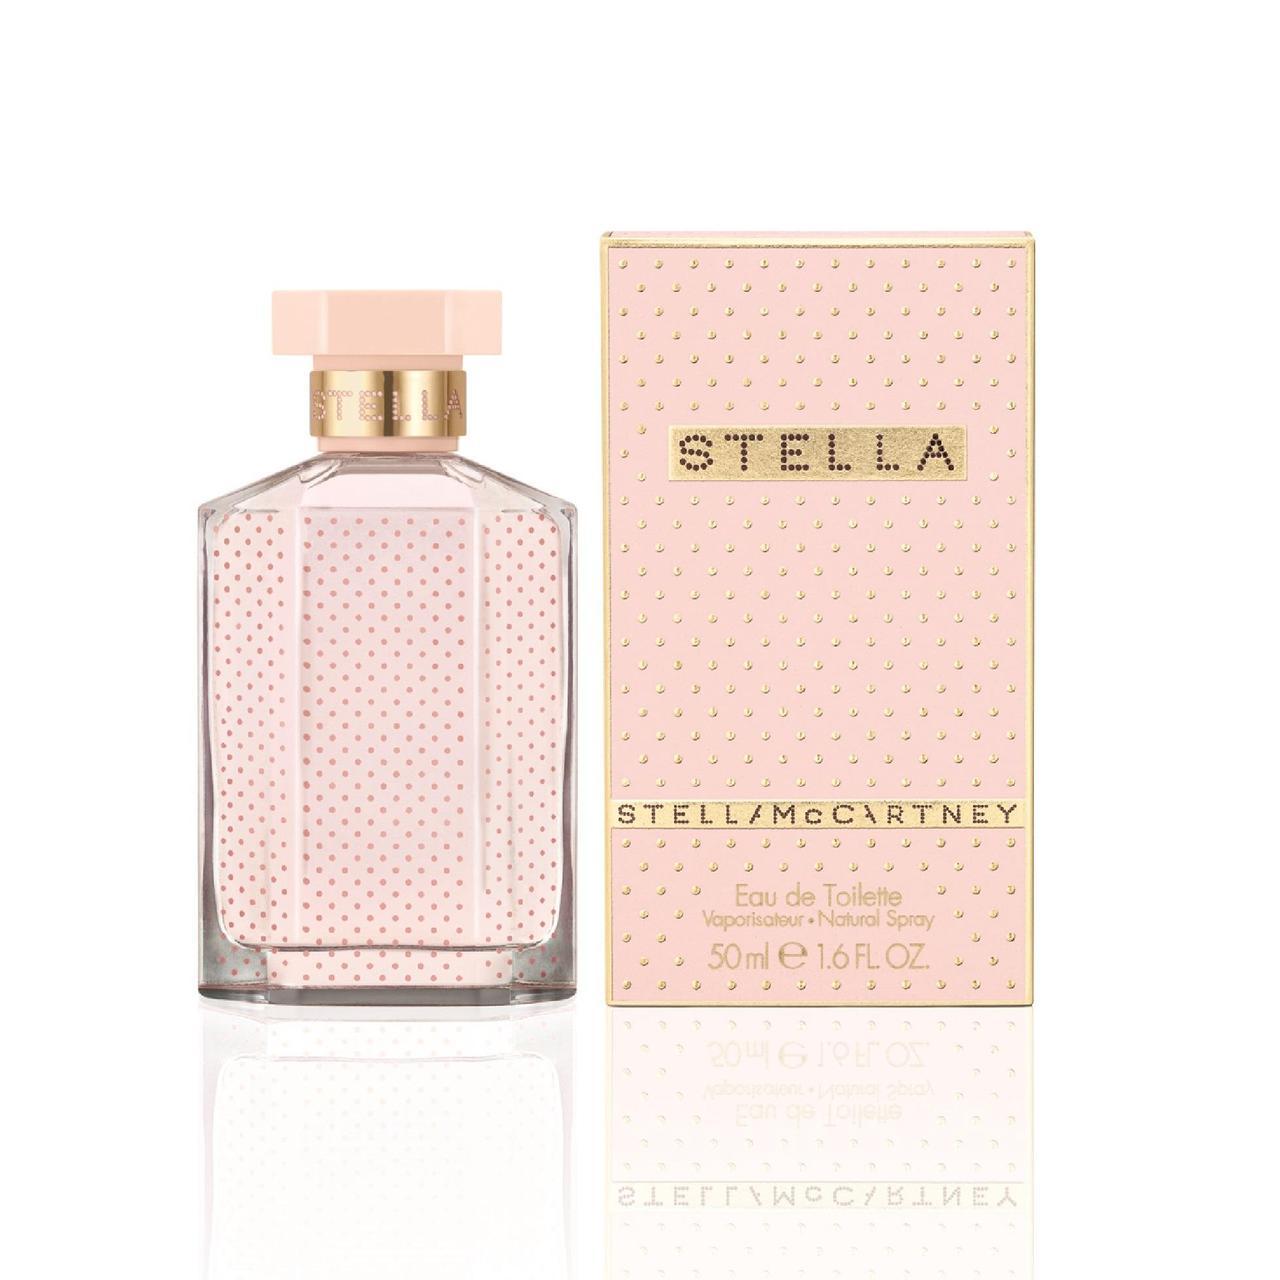 An image of Stella McCartney Eau de Toilette 50ml